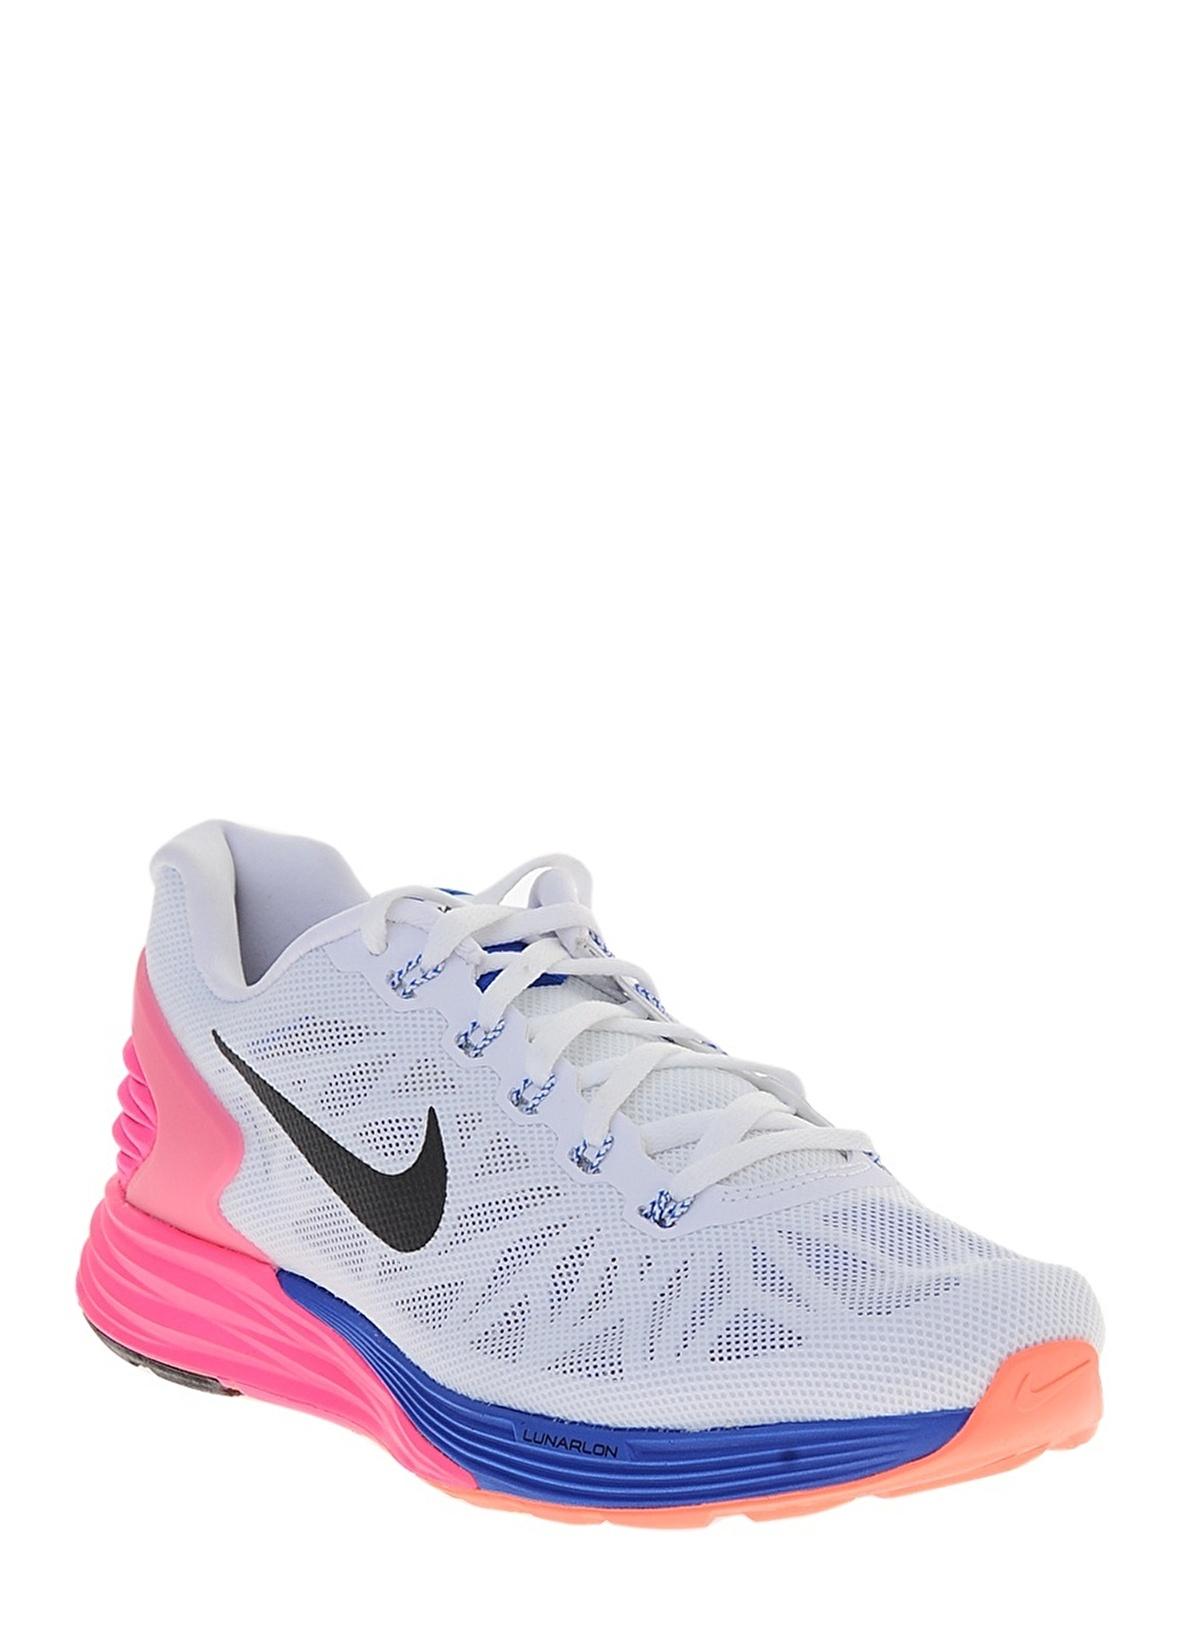 the best attitude ce2b1 14422 Nike Koşu Ayakkabısı   Lunarglide 6 Beyaz ...